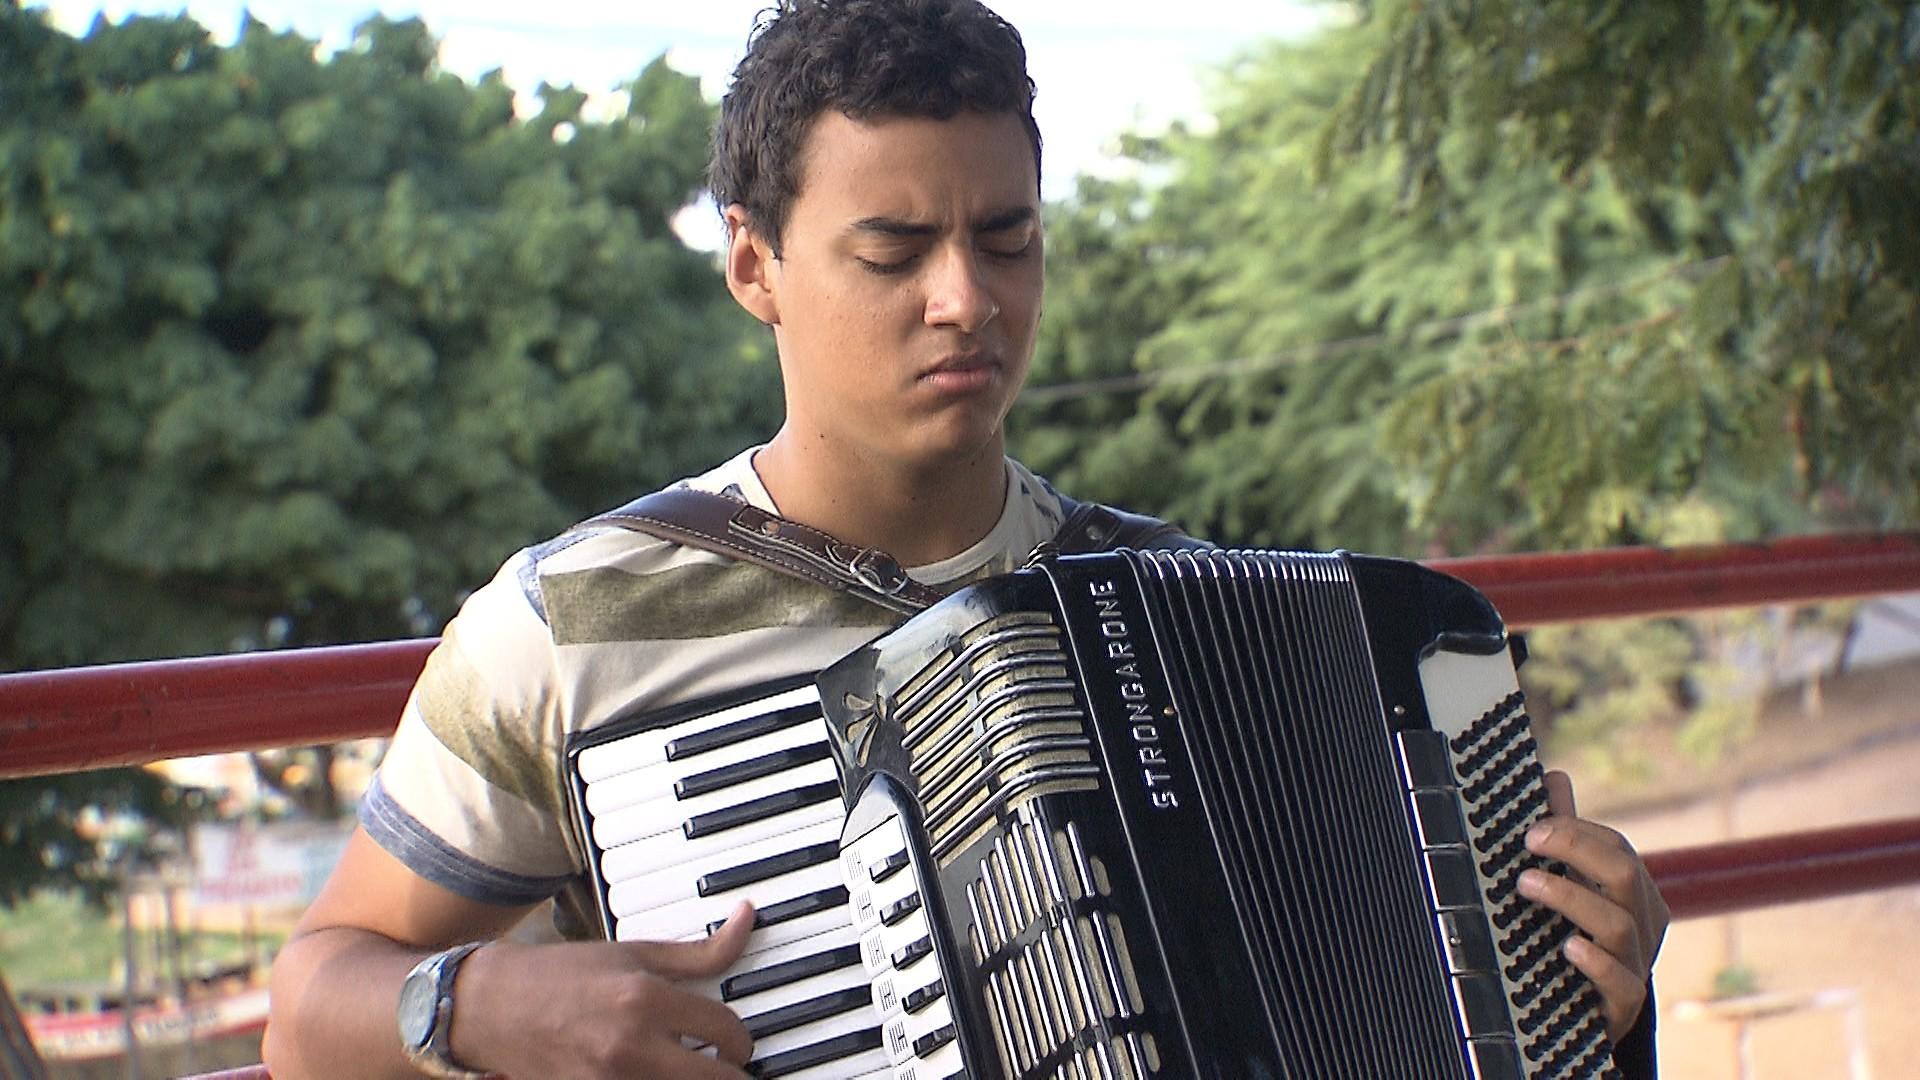 Silas França dá palinha e conta: 'a música veio antes até de eu nascer' (Foto: Divulgação)